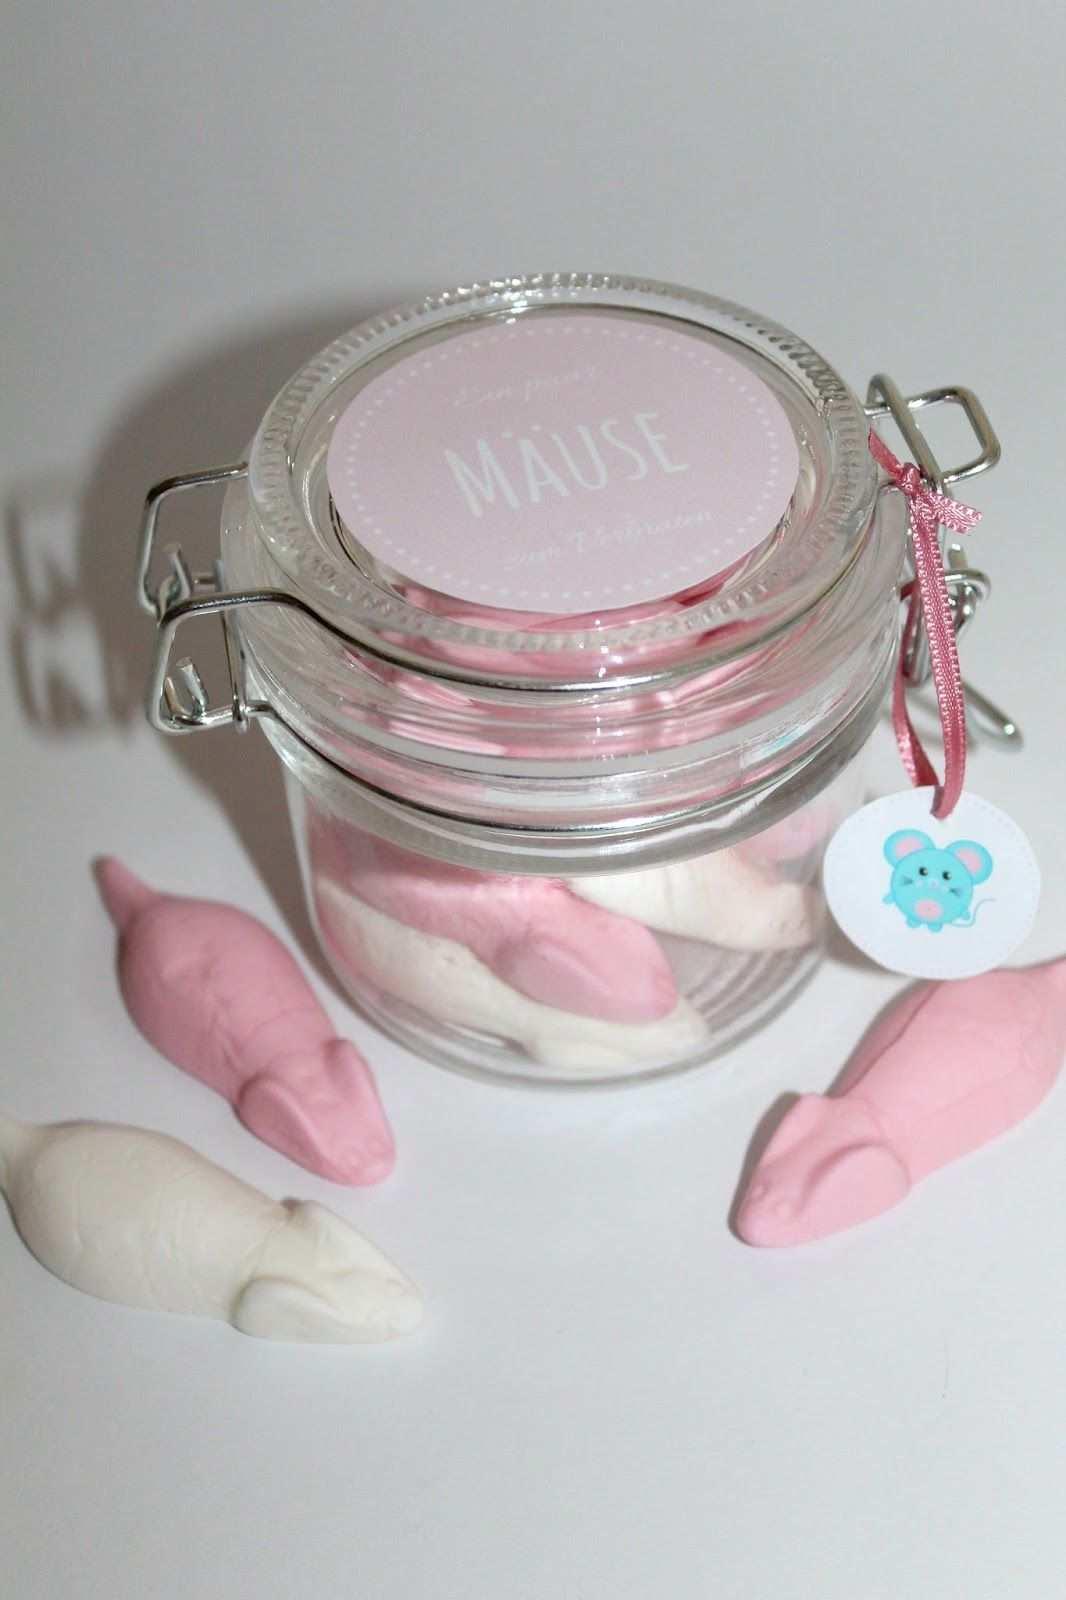 Diy Geldgechenk Geschenke Aus Dem Glas Mause Einfach Selber Machen Geschenke Mause Zum Verbraten Weihnachten Mitbringsel